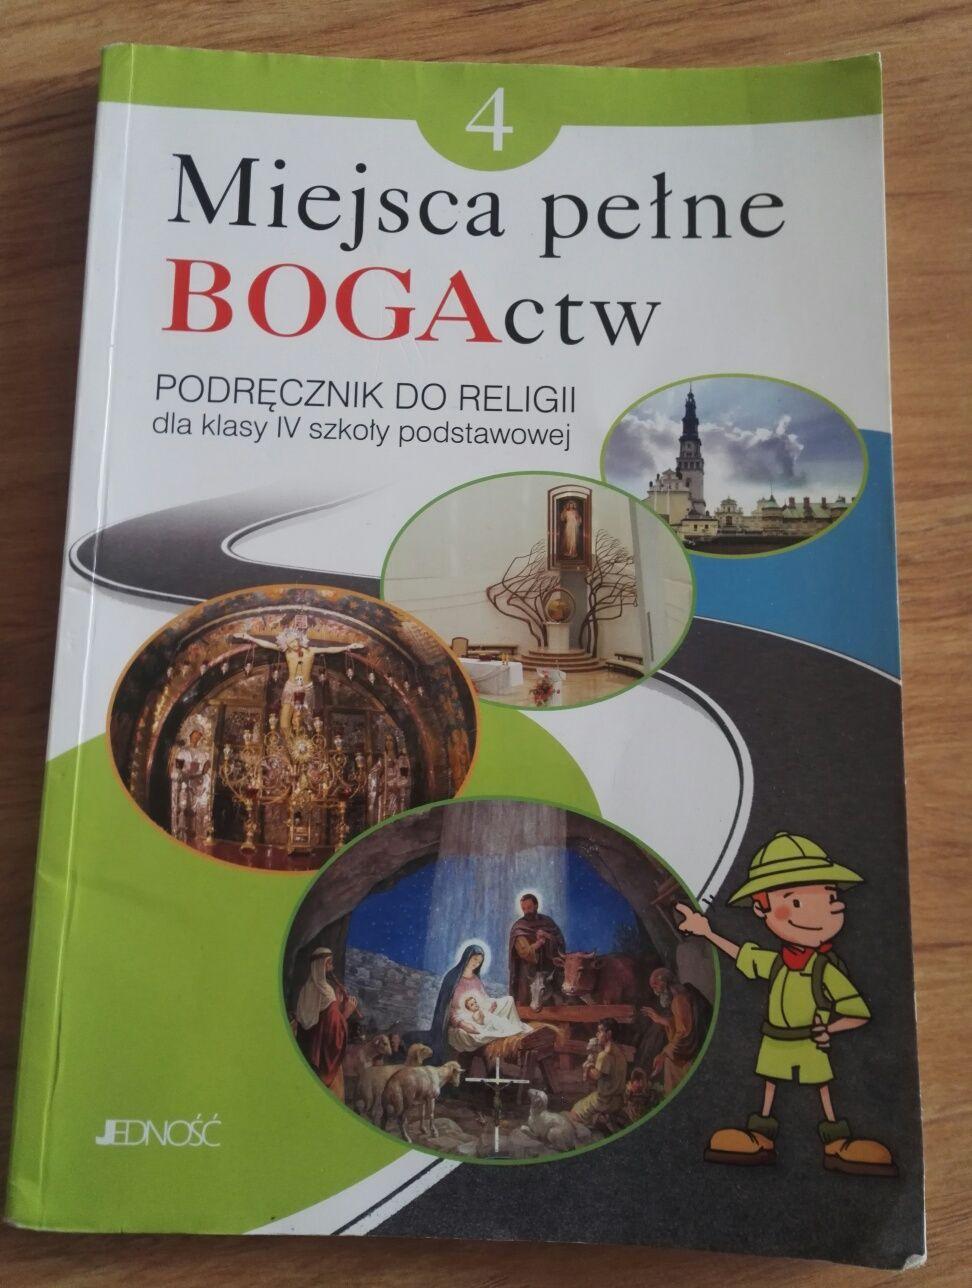 Książka do religii kl. 4. Miejsce pełne BOGActw